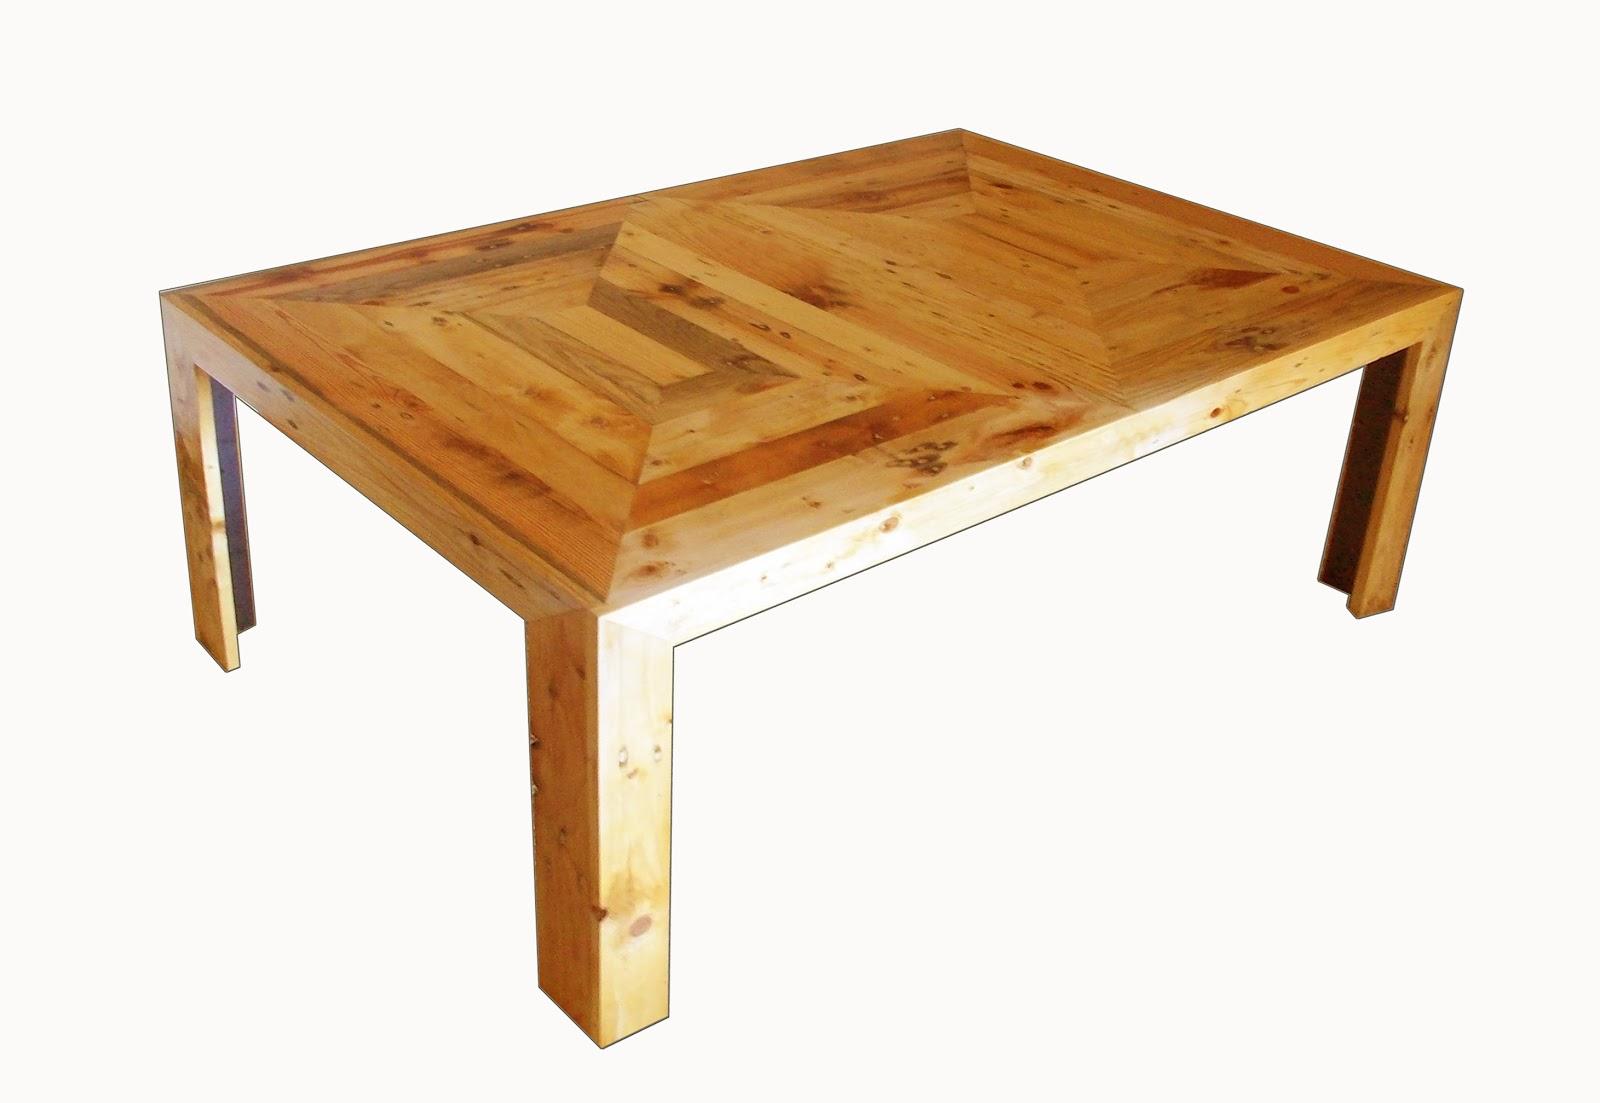 Sfc muebles sostenibles y creativos mesa de comedor for Muebles sostenibles